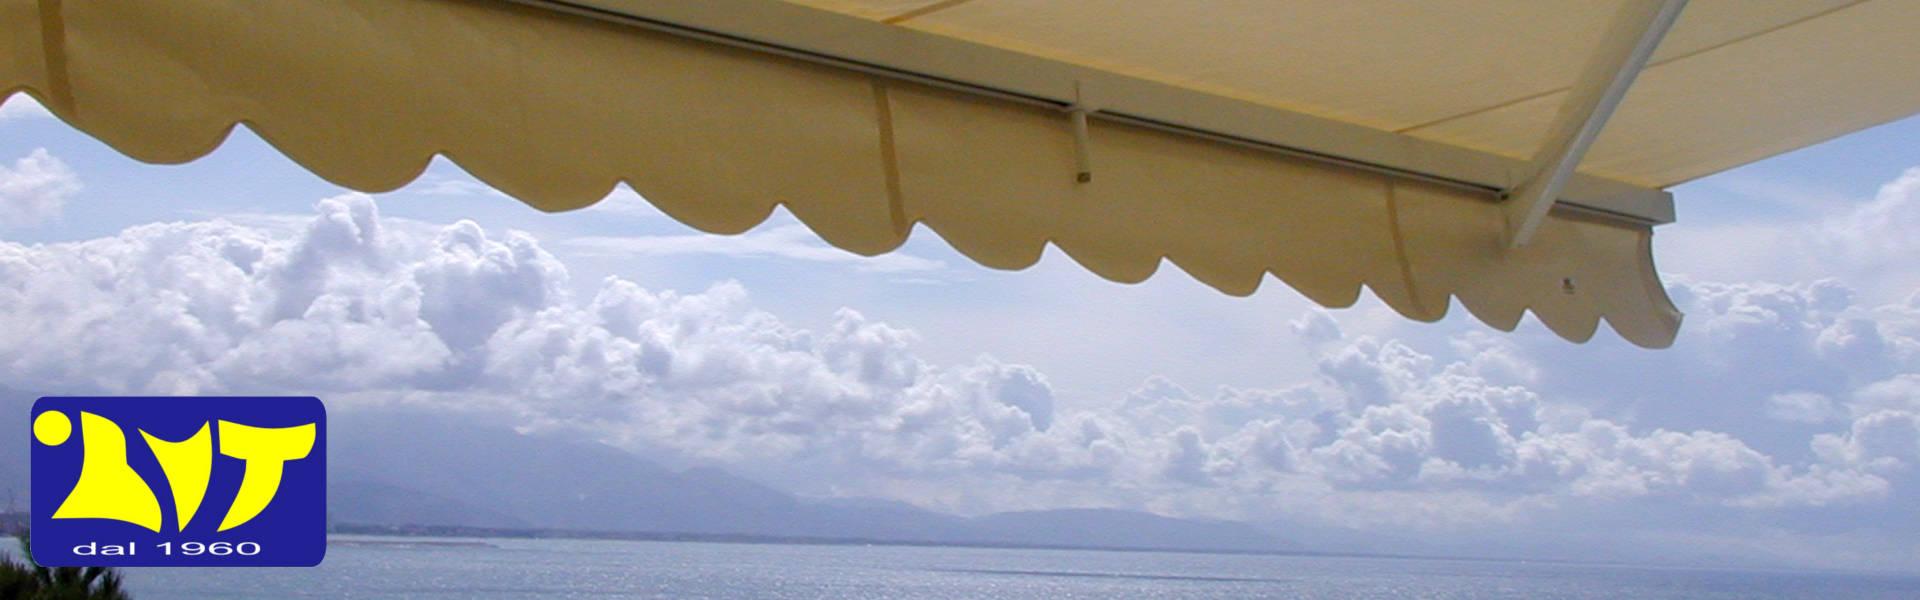 tenda da sole antivento